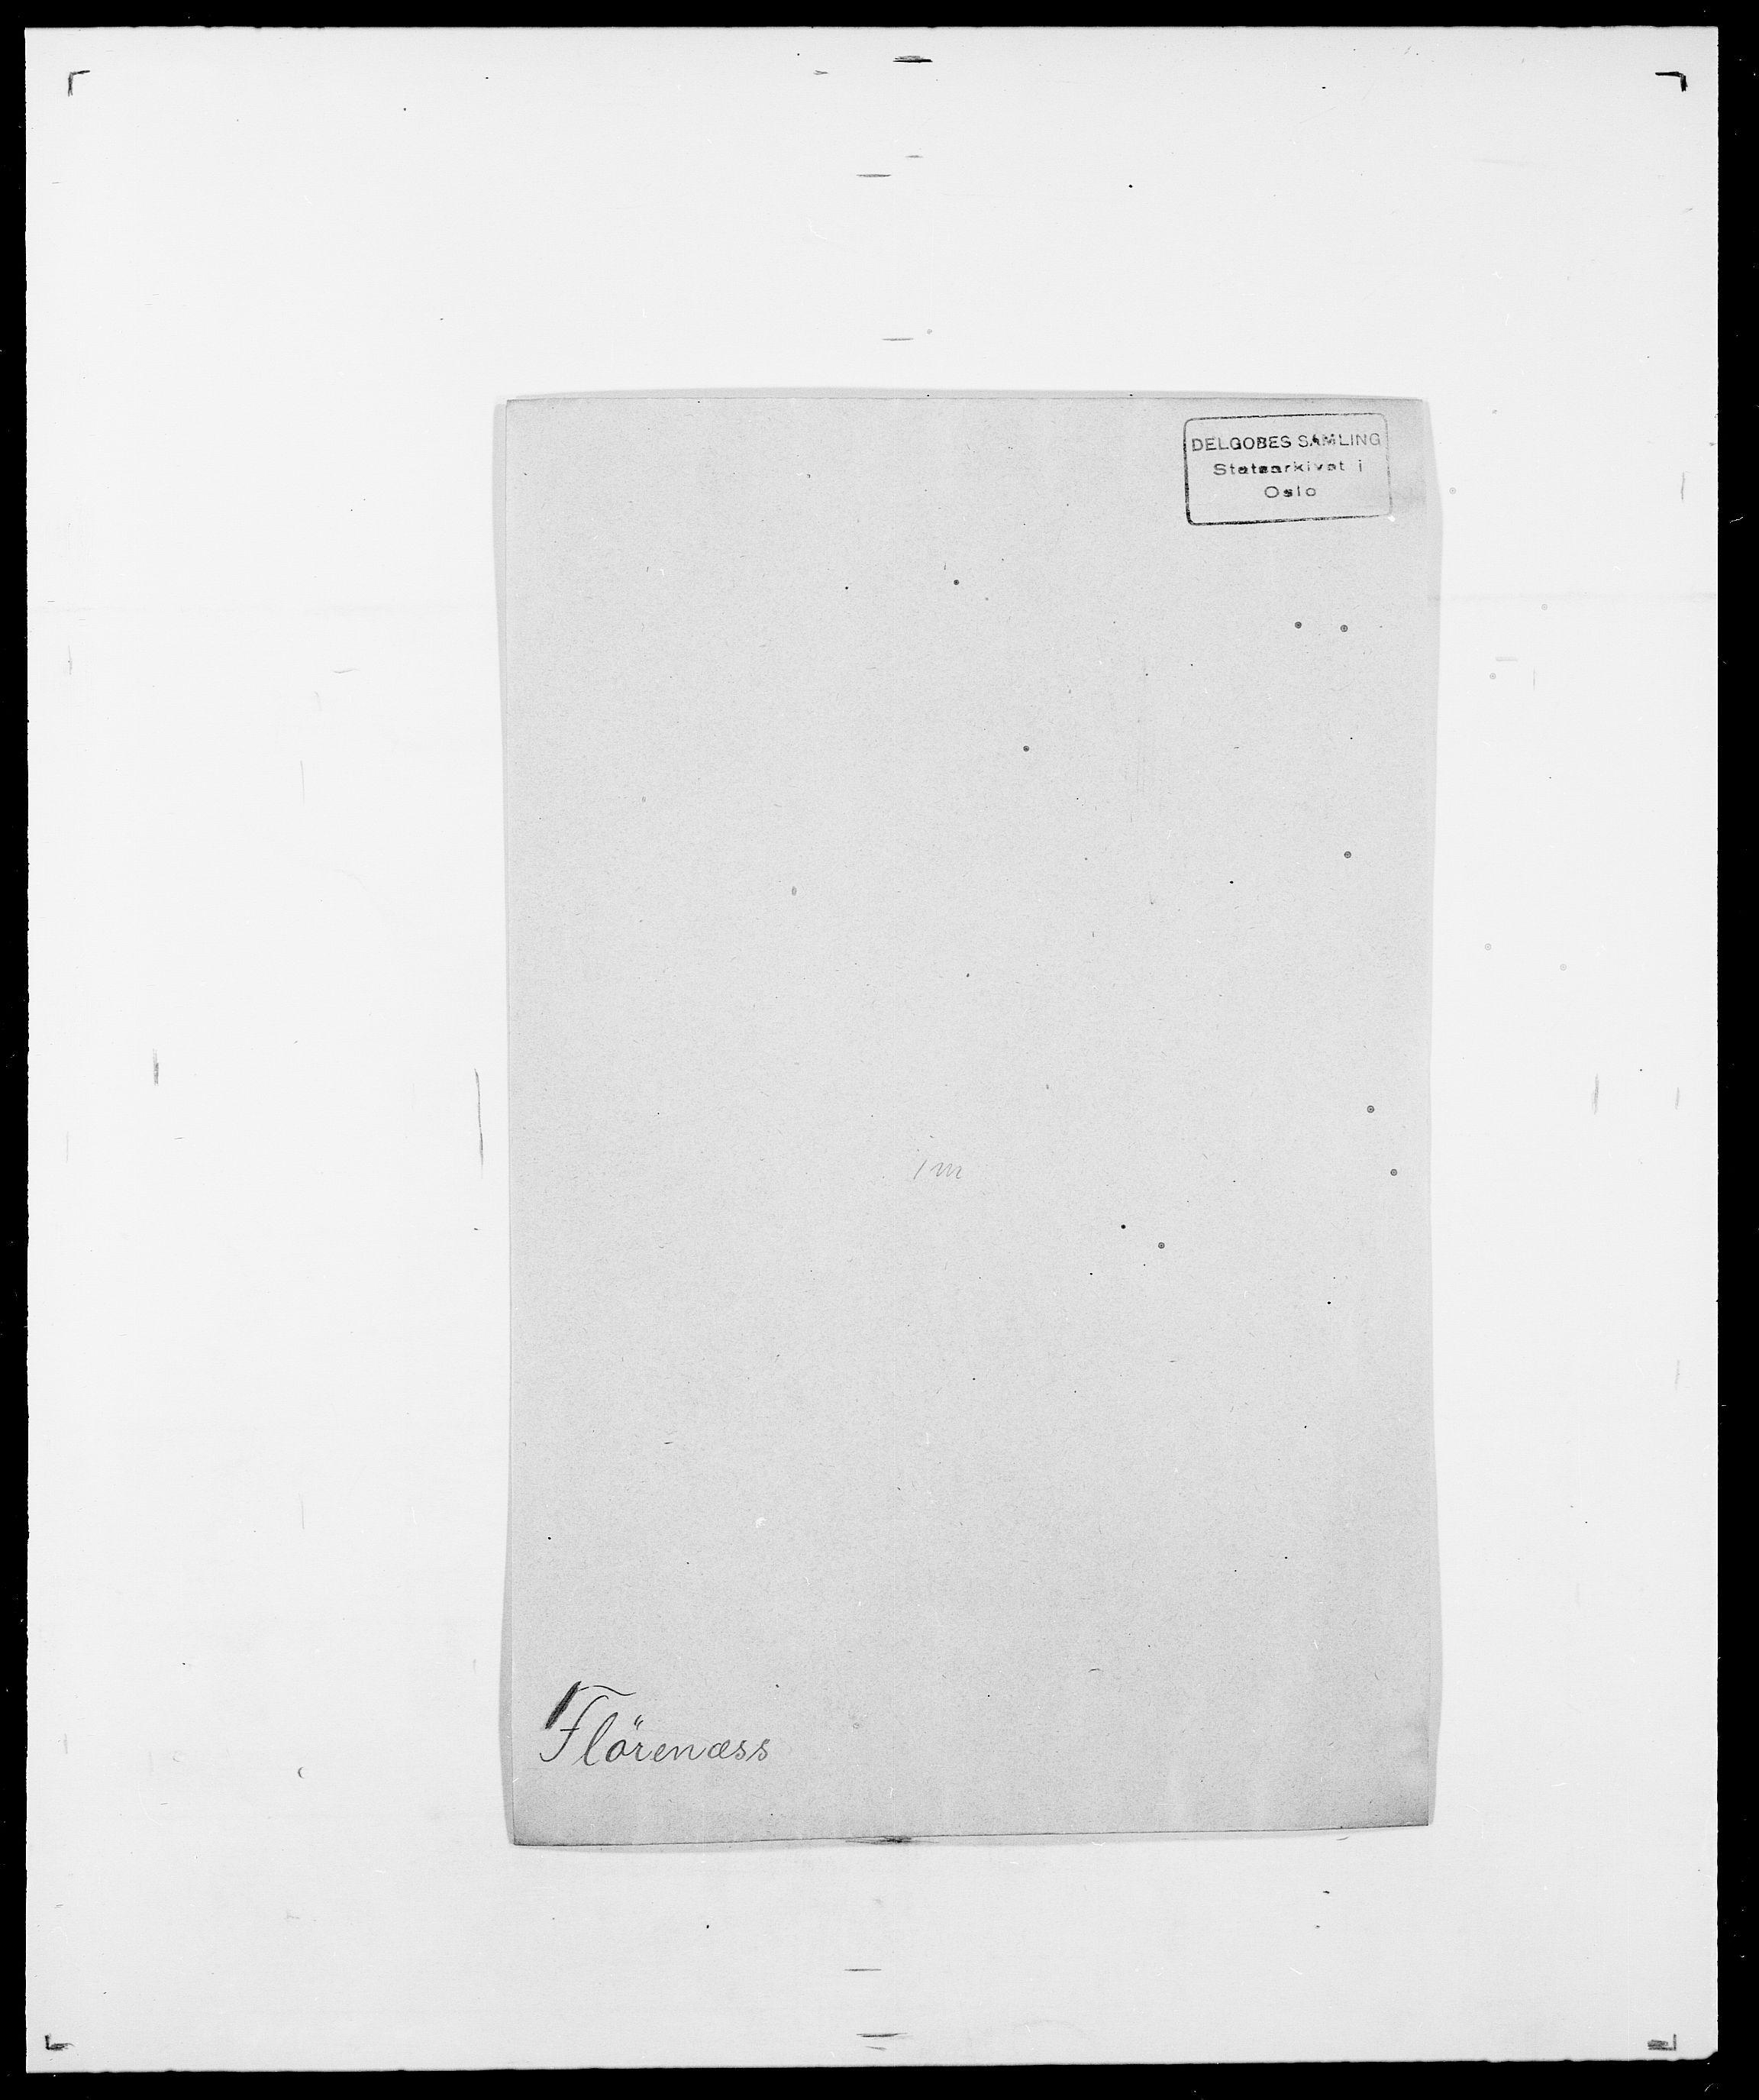 SAO, Delgobe, Charles Antoine - samling, D/Da/L0012: Flor, Floer, Flohr - Fritzner, s. 501